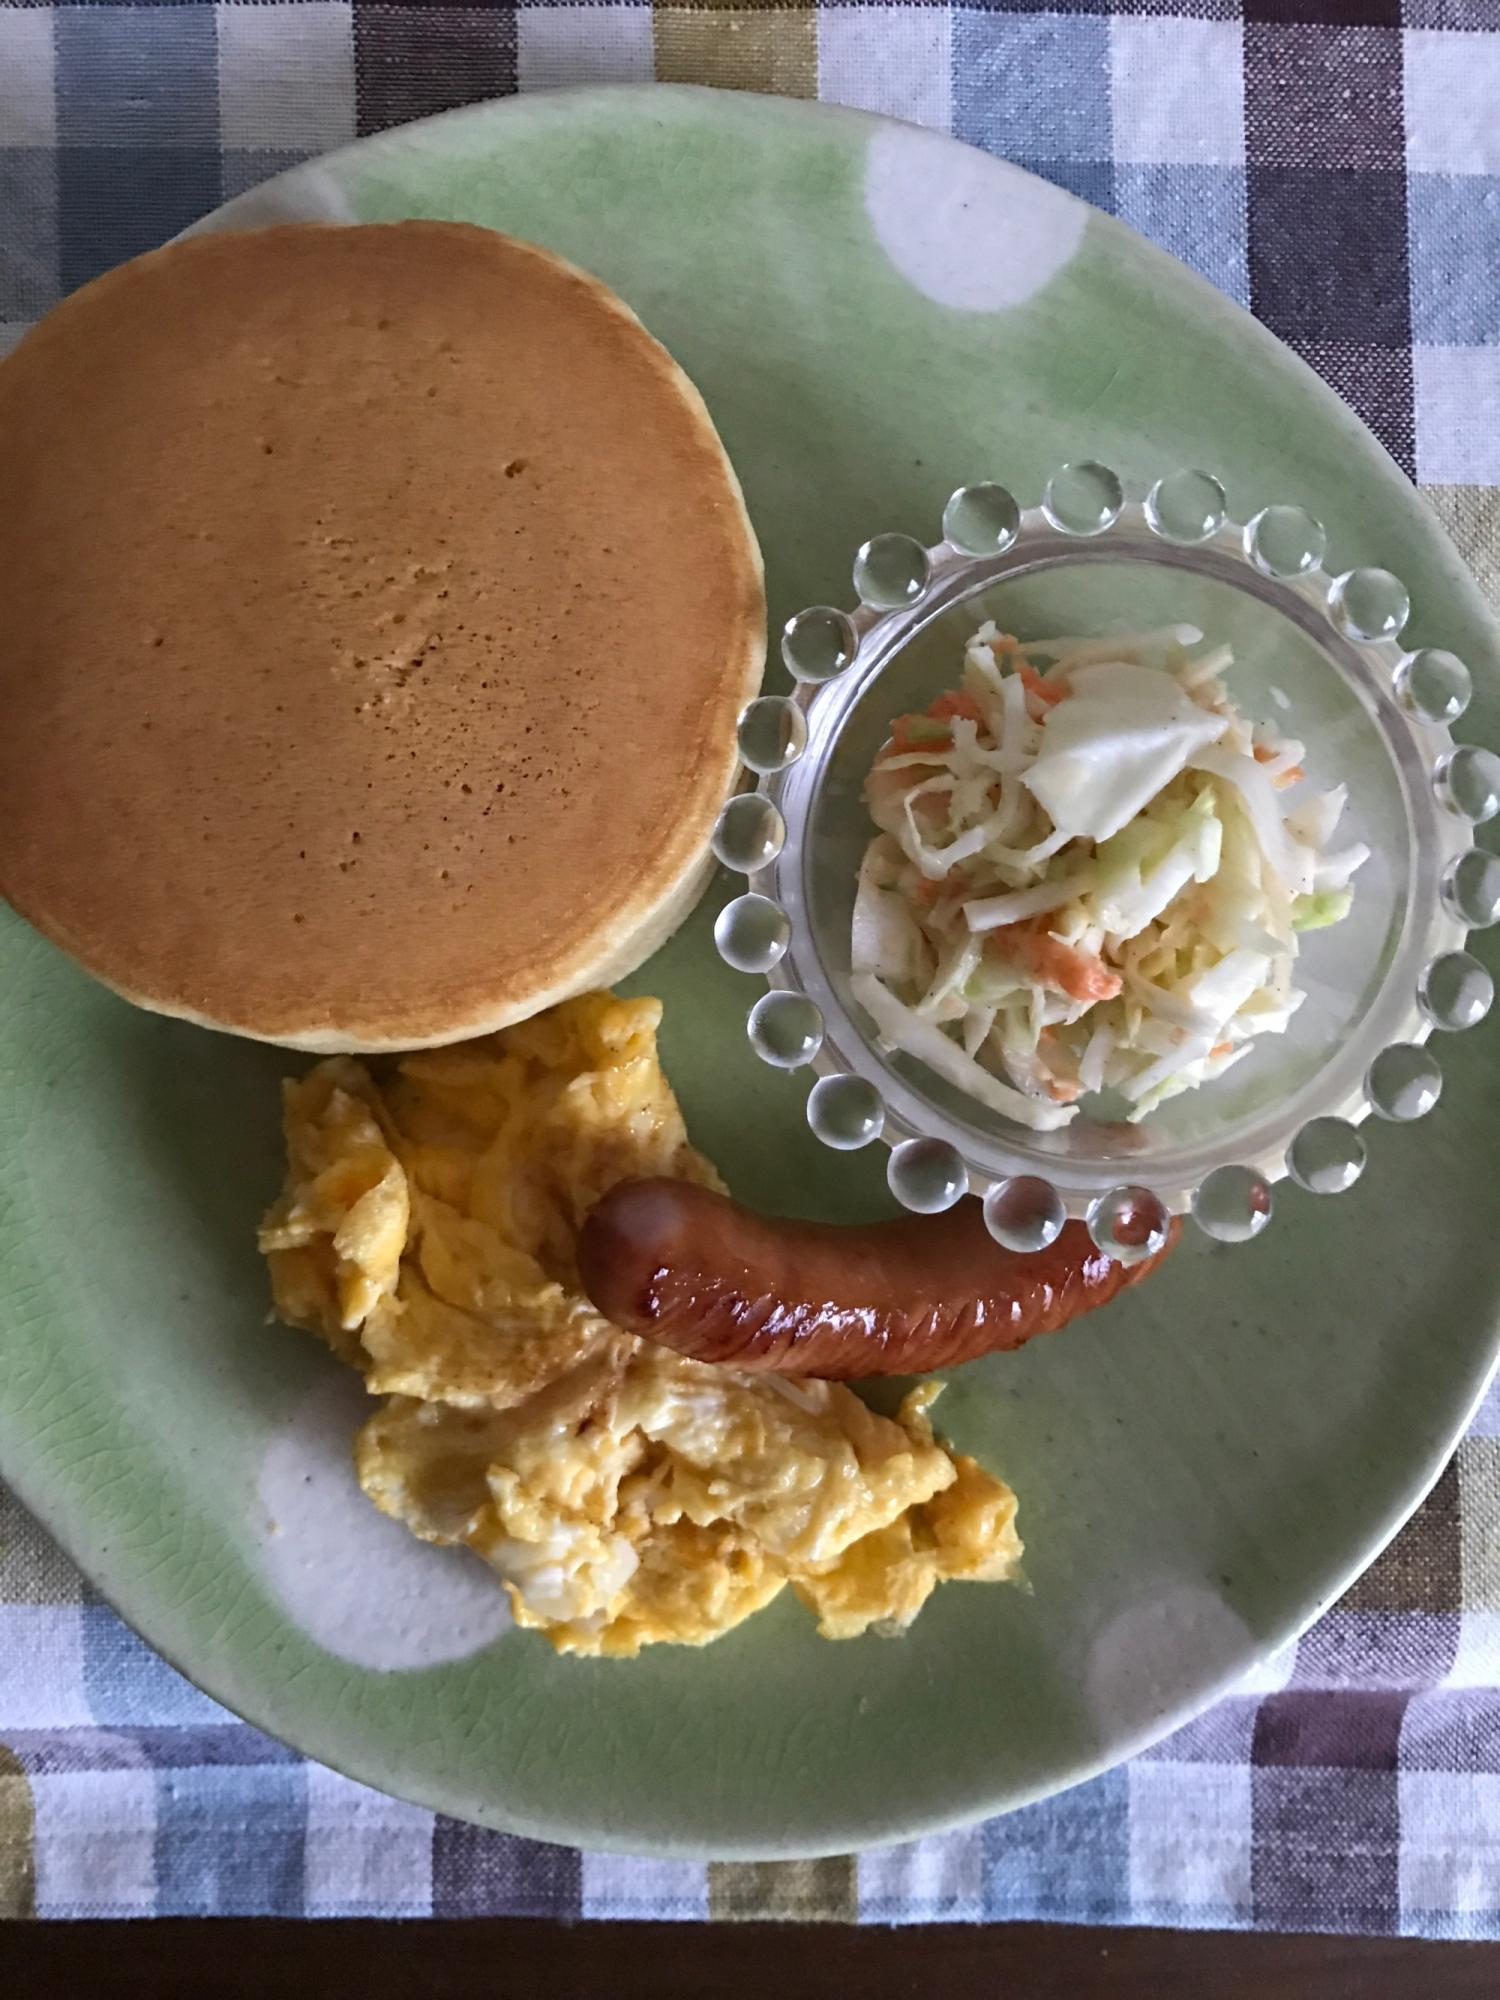 パンケーキとウィンナー、炒り卵の朝ごはん レシピ・作り方